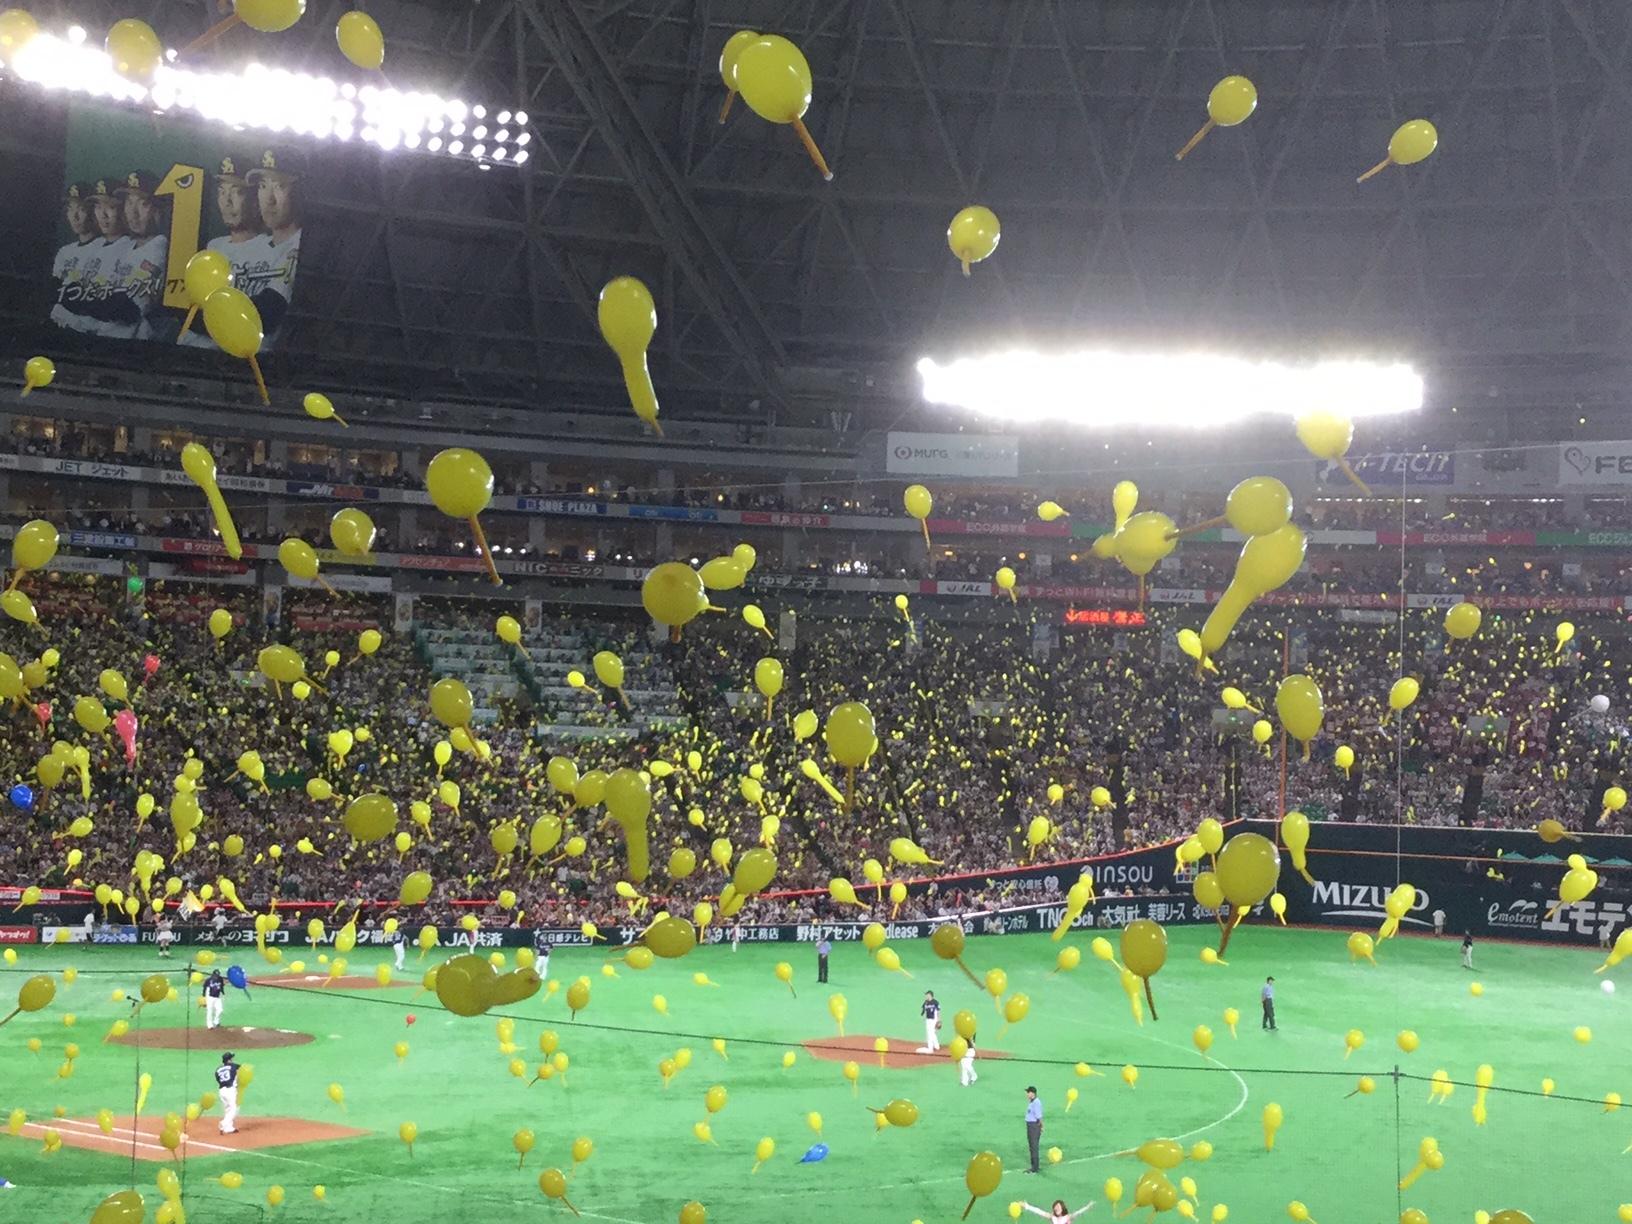 2017822 ソフトバンク勝利に風船 - コピー